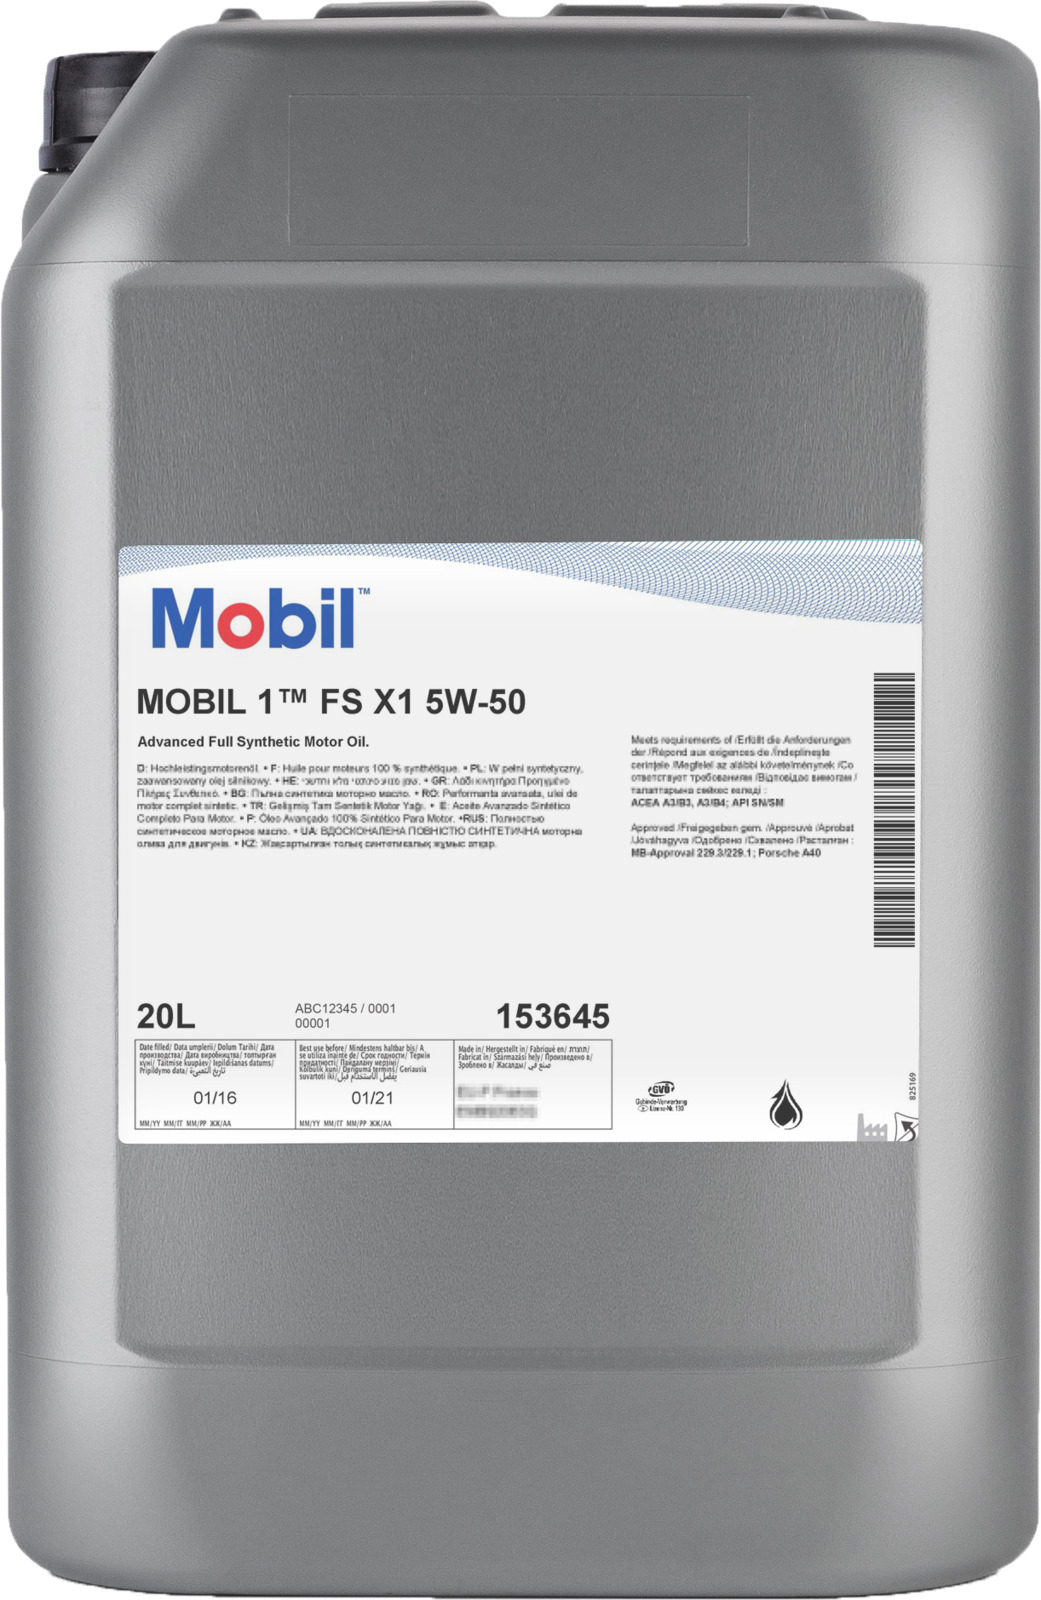 Моторное масло Mobil 1 FS x1, 153645, синтетическое, 5W-50, 20 л моторное масло mobil super 3000 x1 5w 40 1 л синтетическое